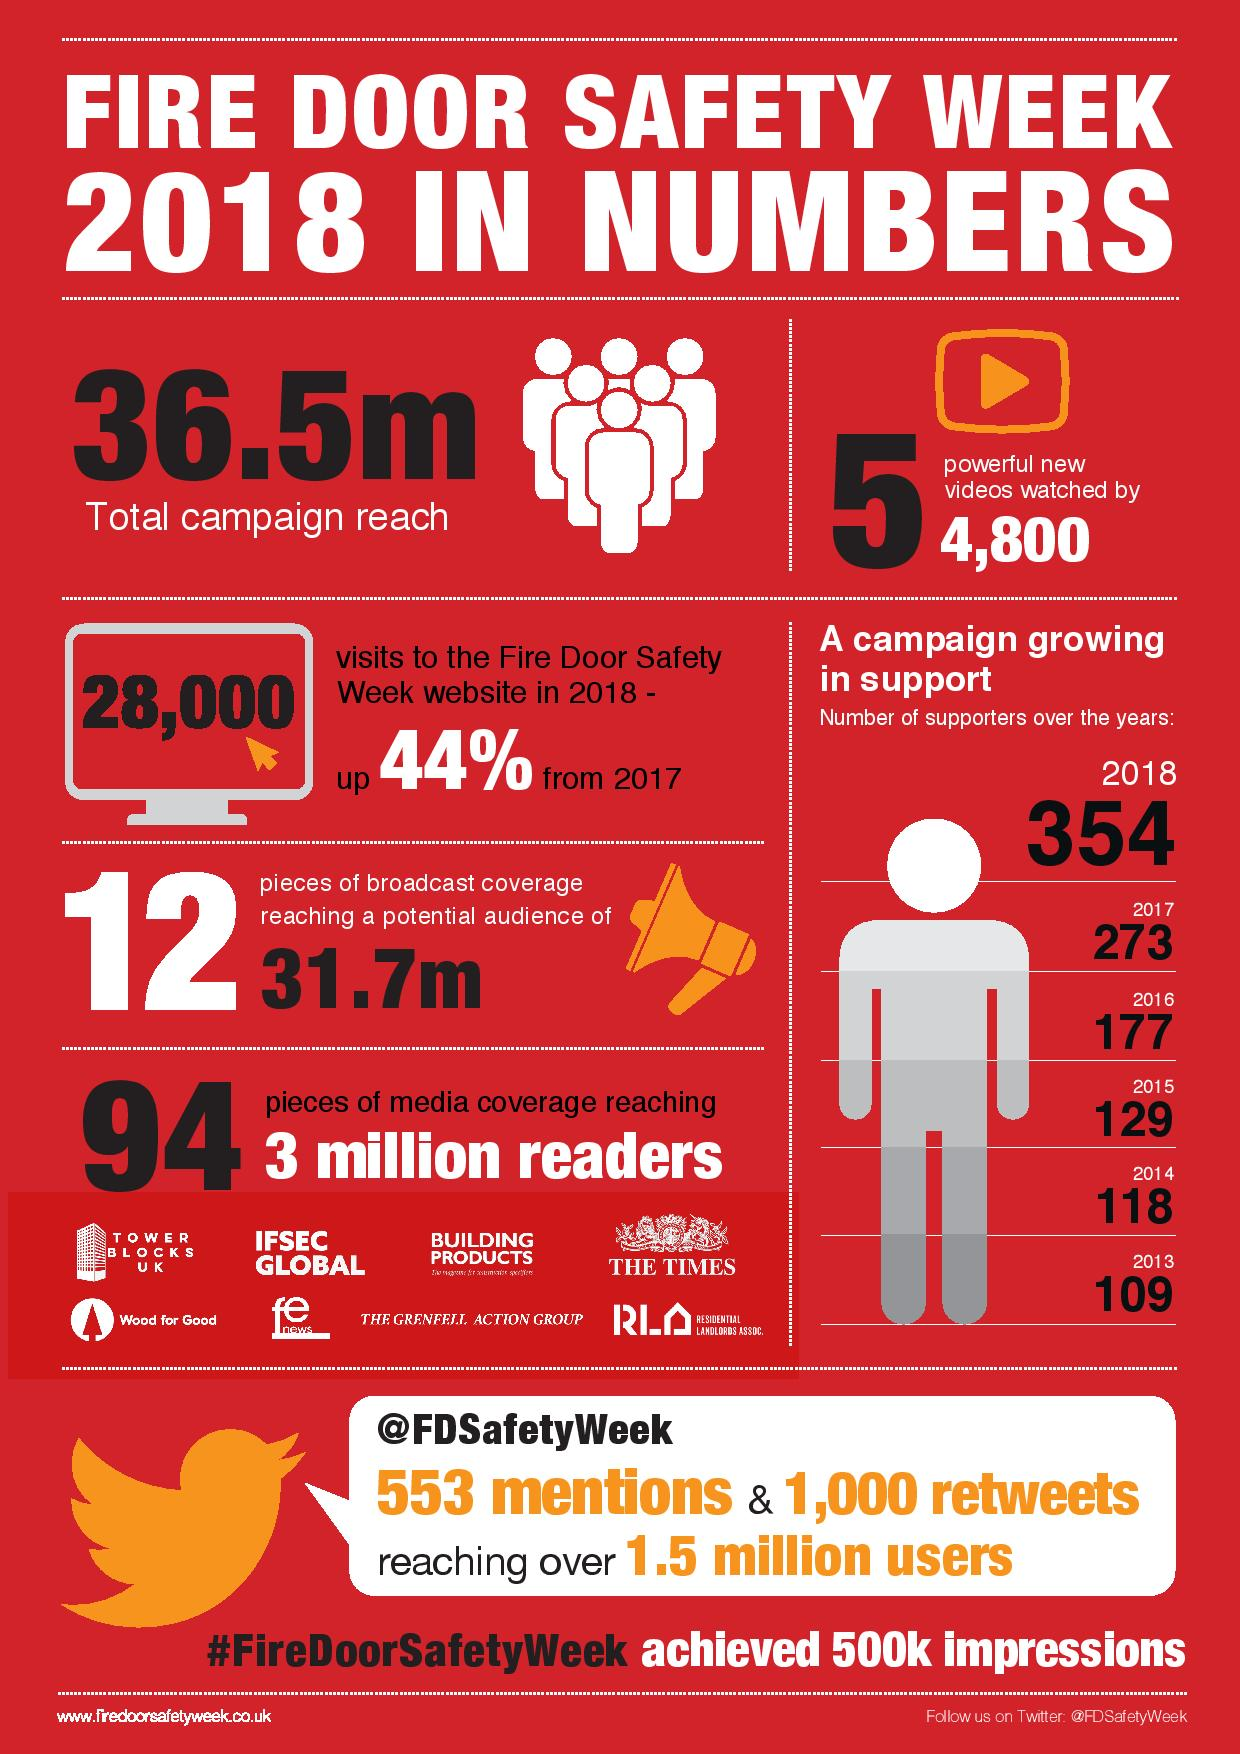 Fire Door Safety Week In Numbers